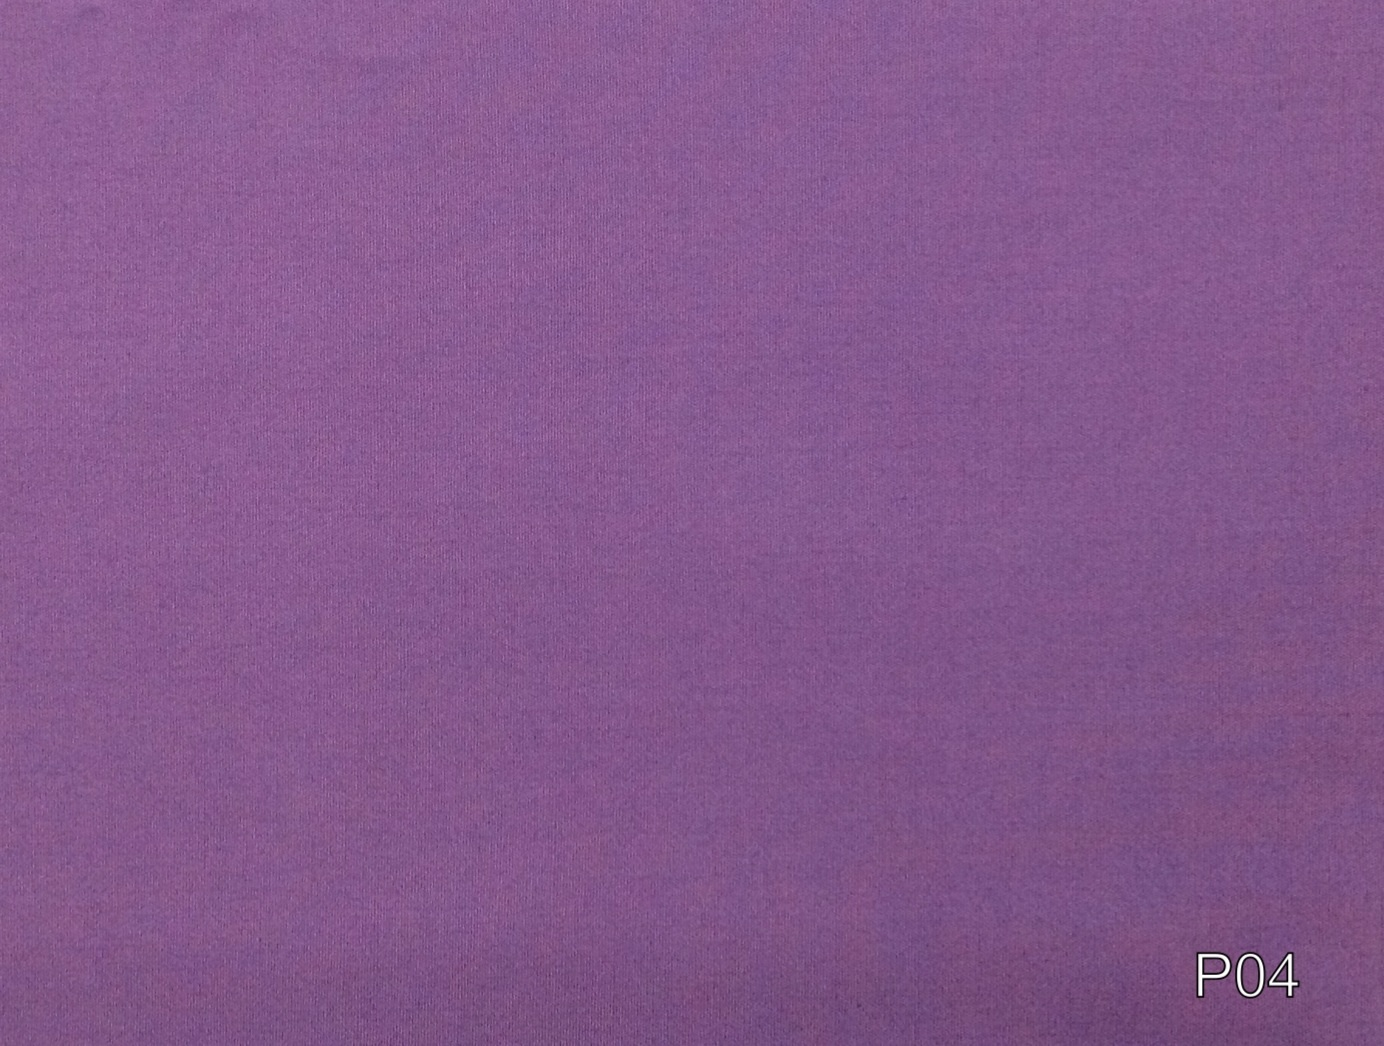 ผ้าฝ้าย cotton 100% สีม่วง